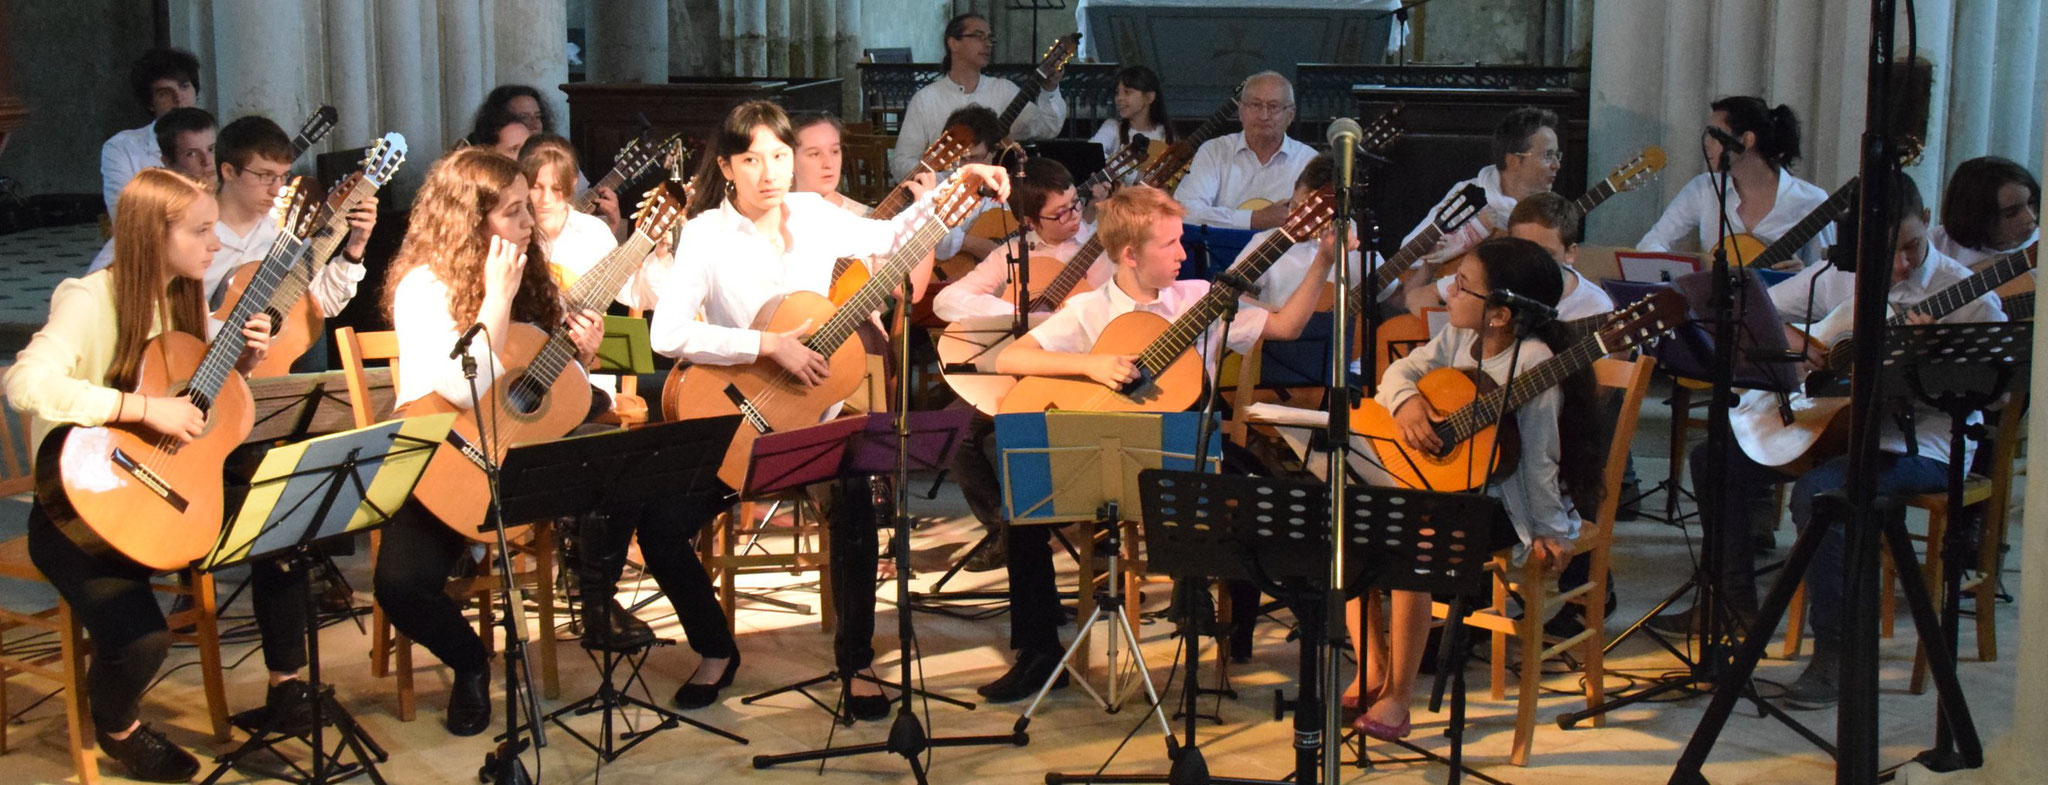 L'Ensemble Départemental de Guitares de l'Aisne et l'Ecole Intercommunale de Musique de Crézancy-Jaulgonne.